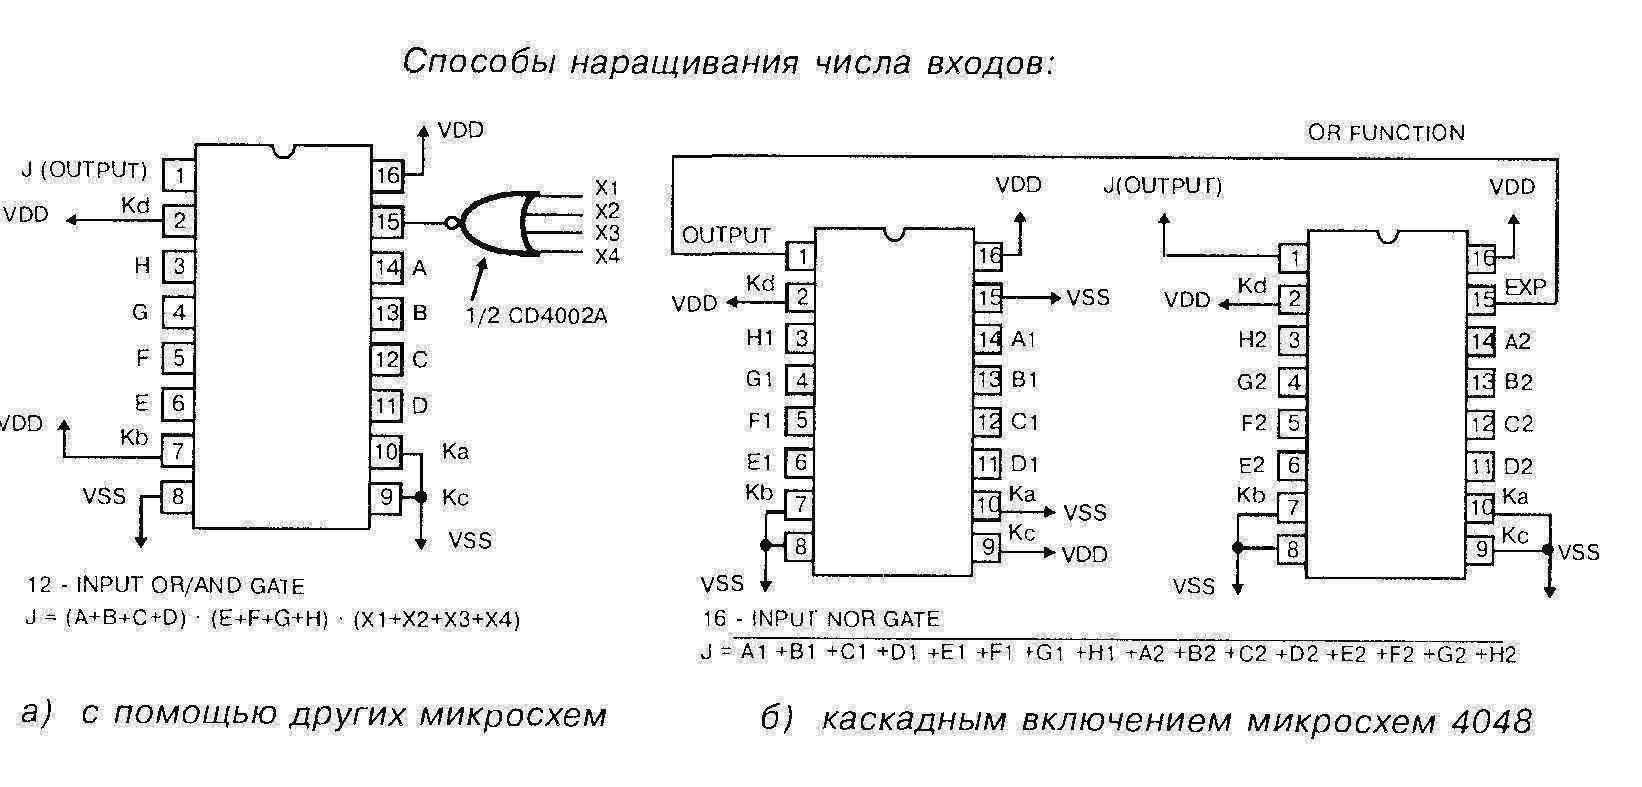 Микросхема 4048 - способы наращивания числа входов